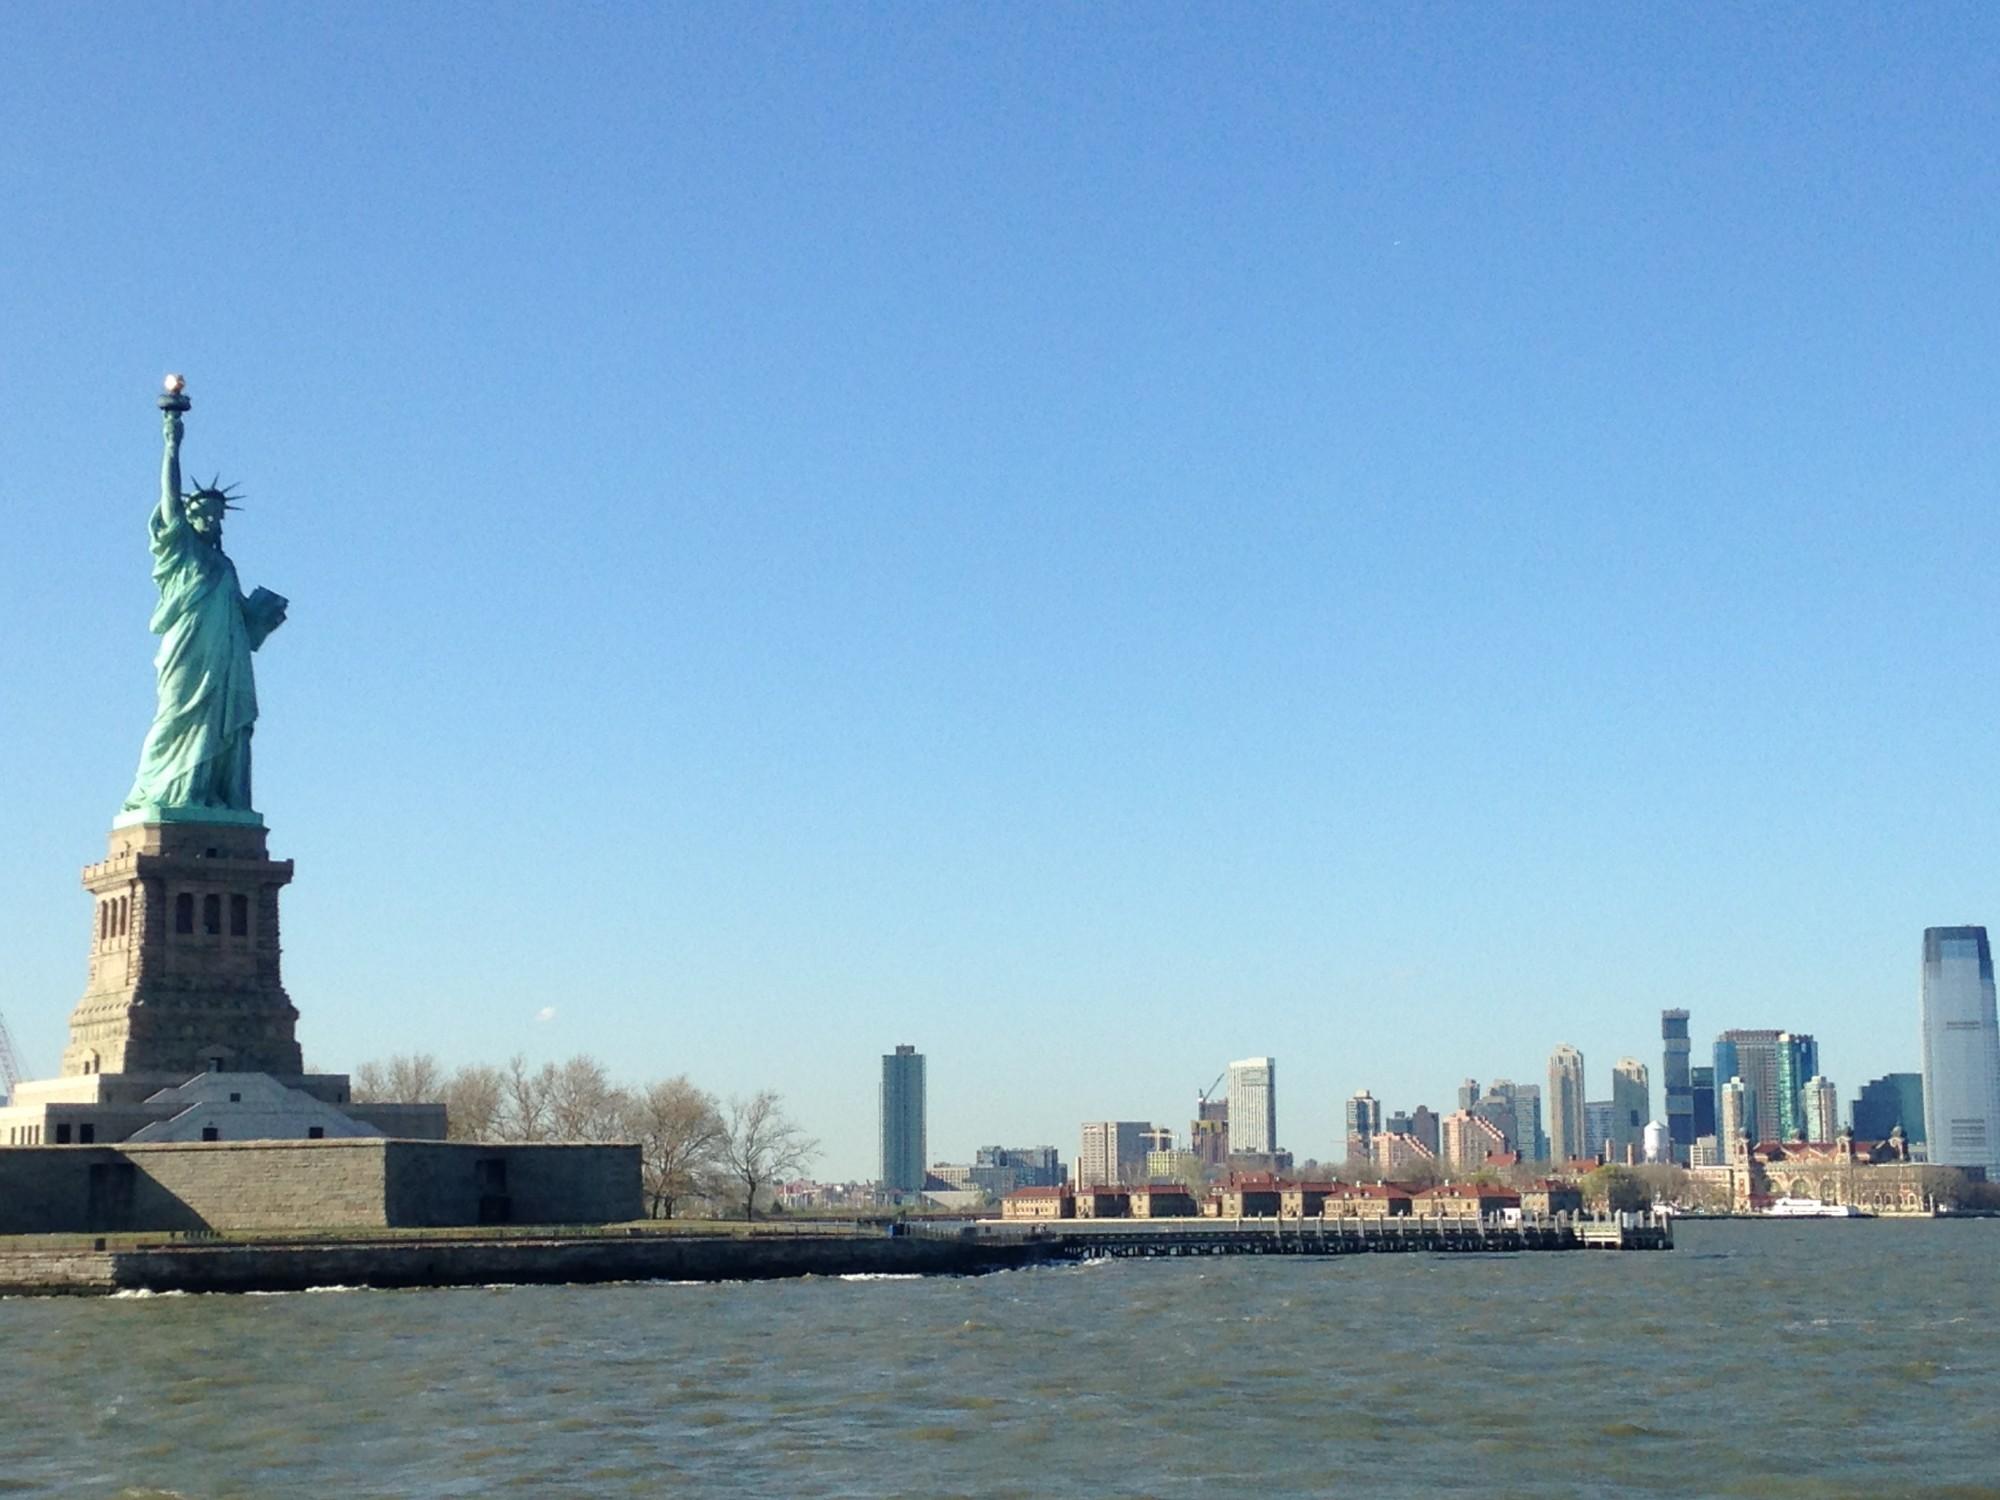 découverte de New York et de la Statue de la Liberté